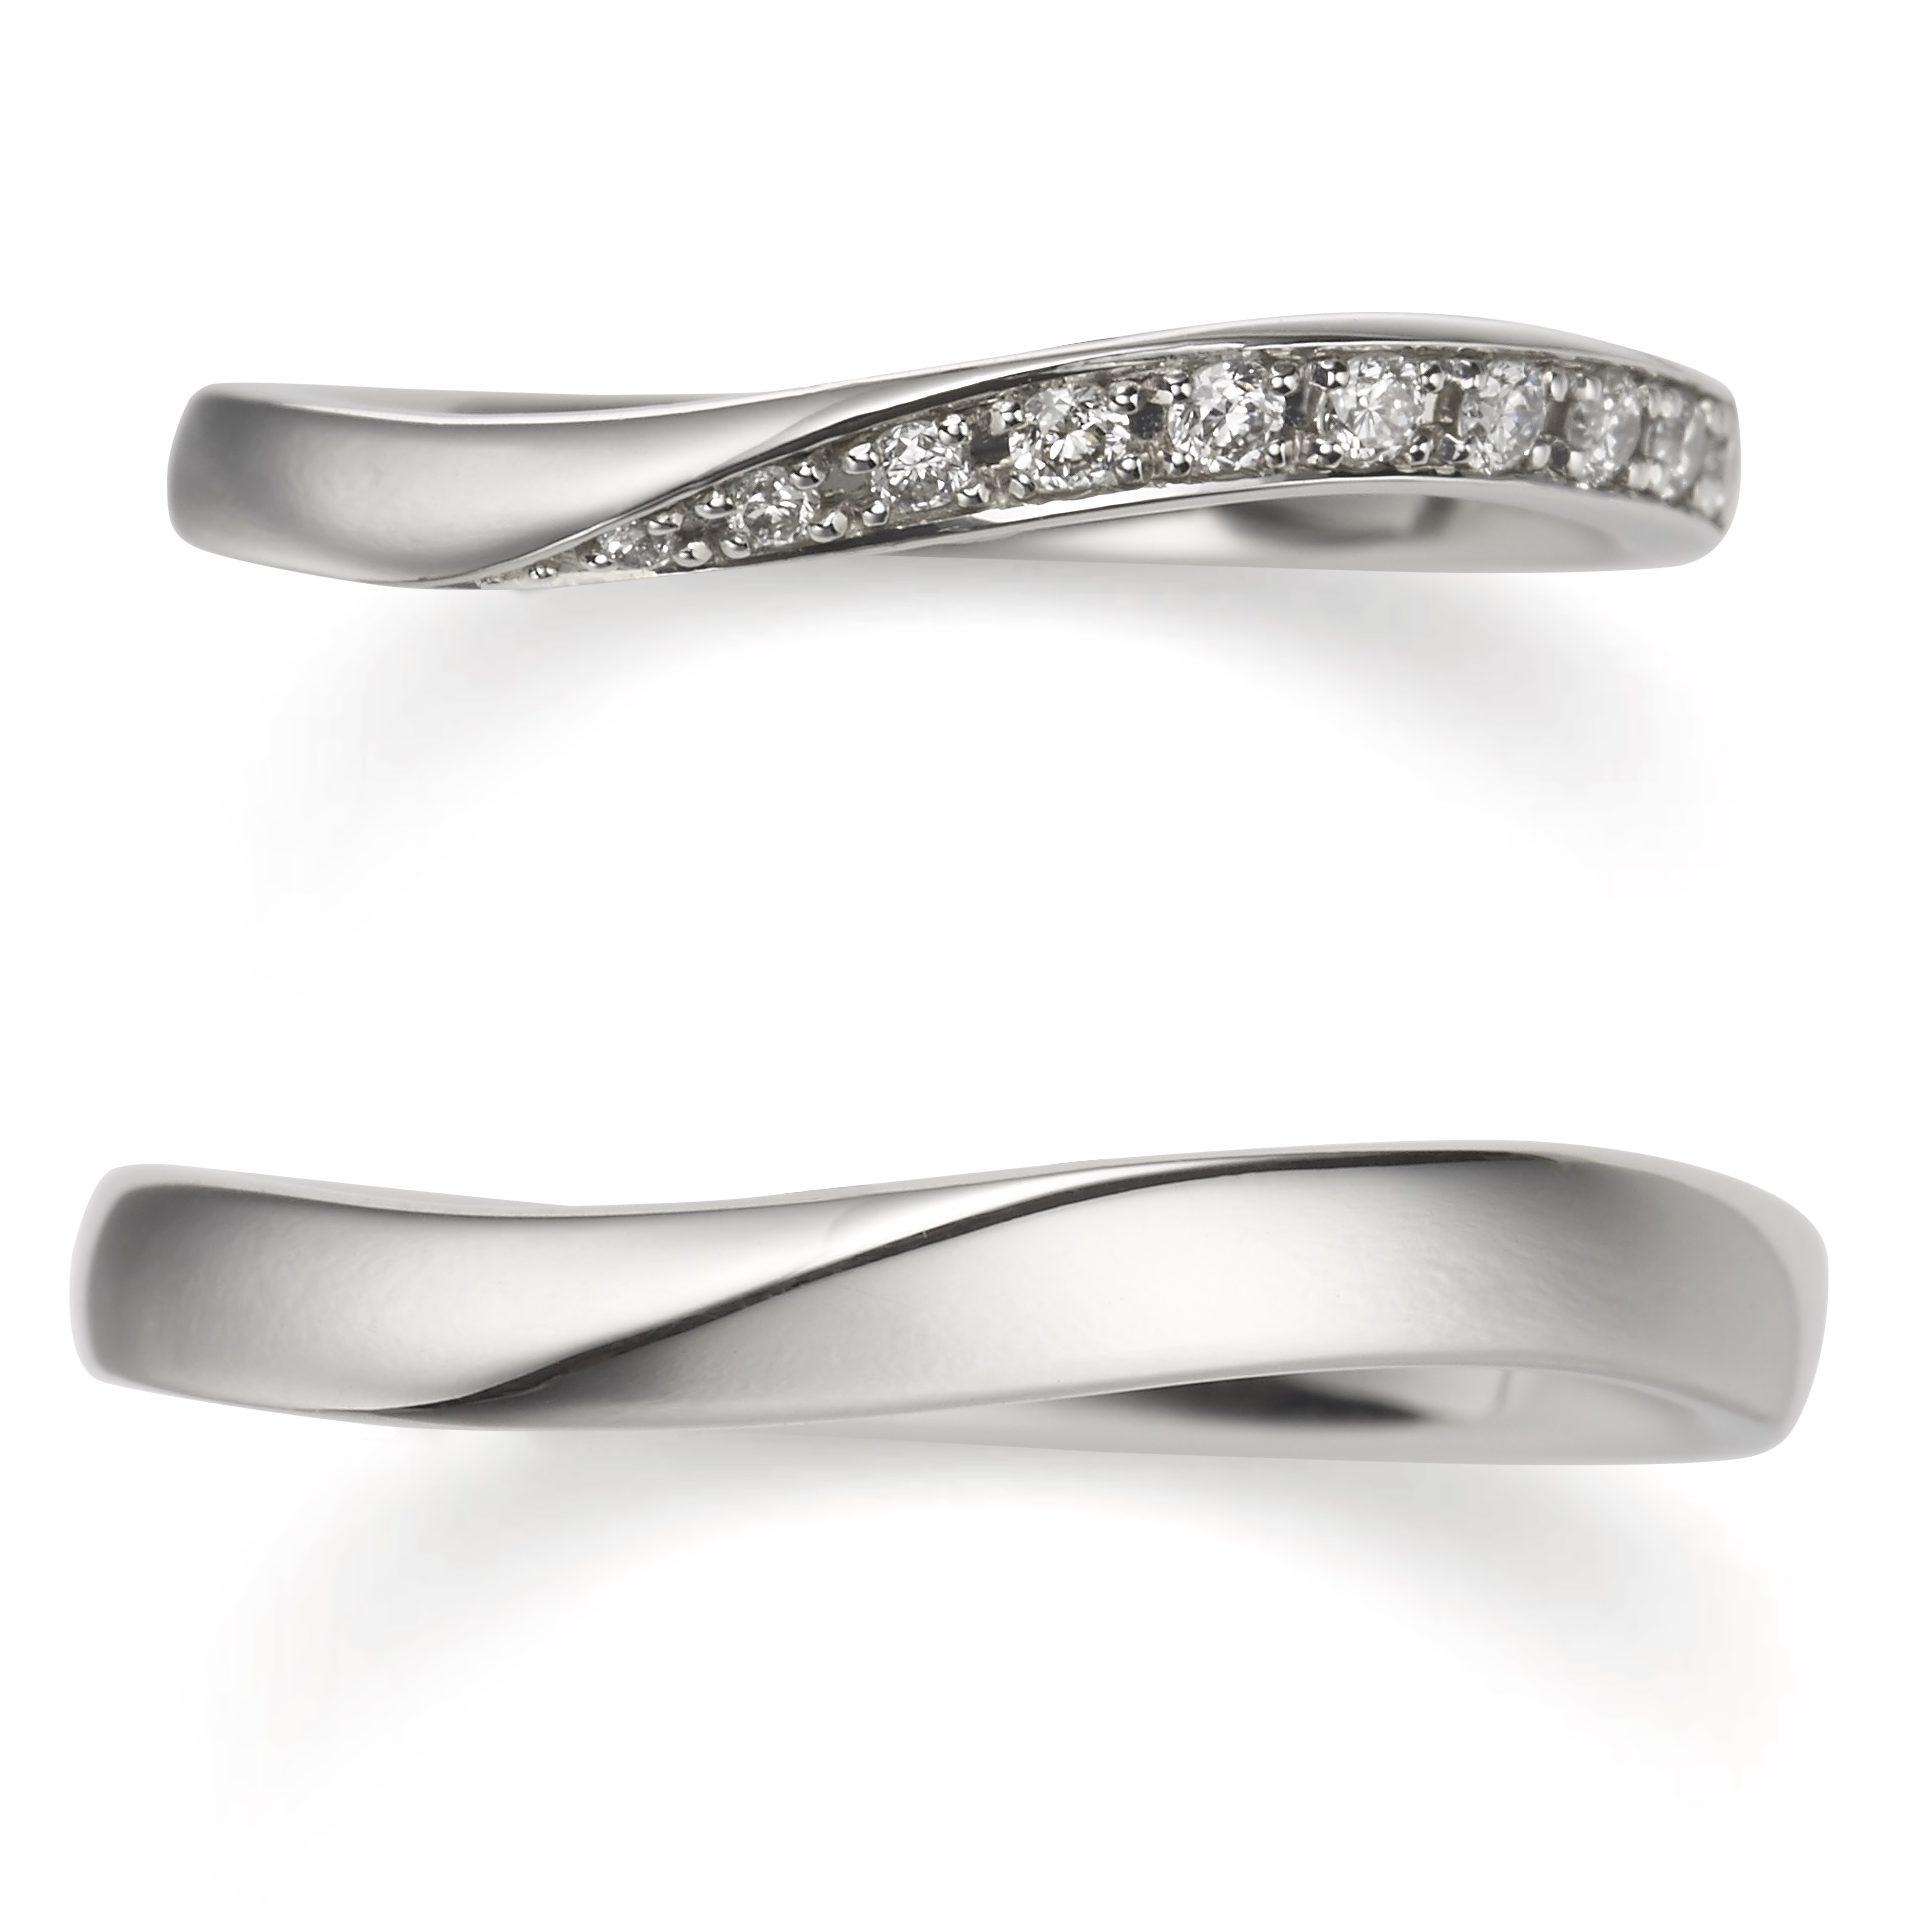 個性的 結婚指輪のイランイラン